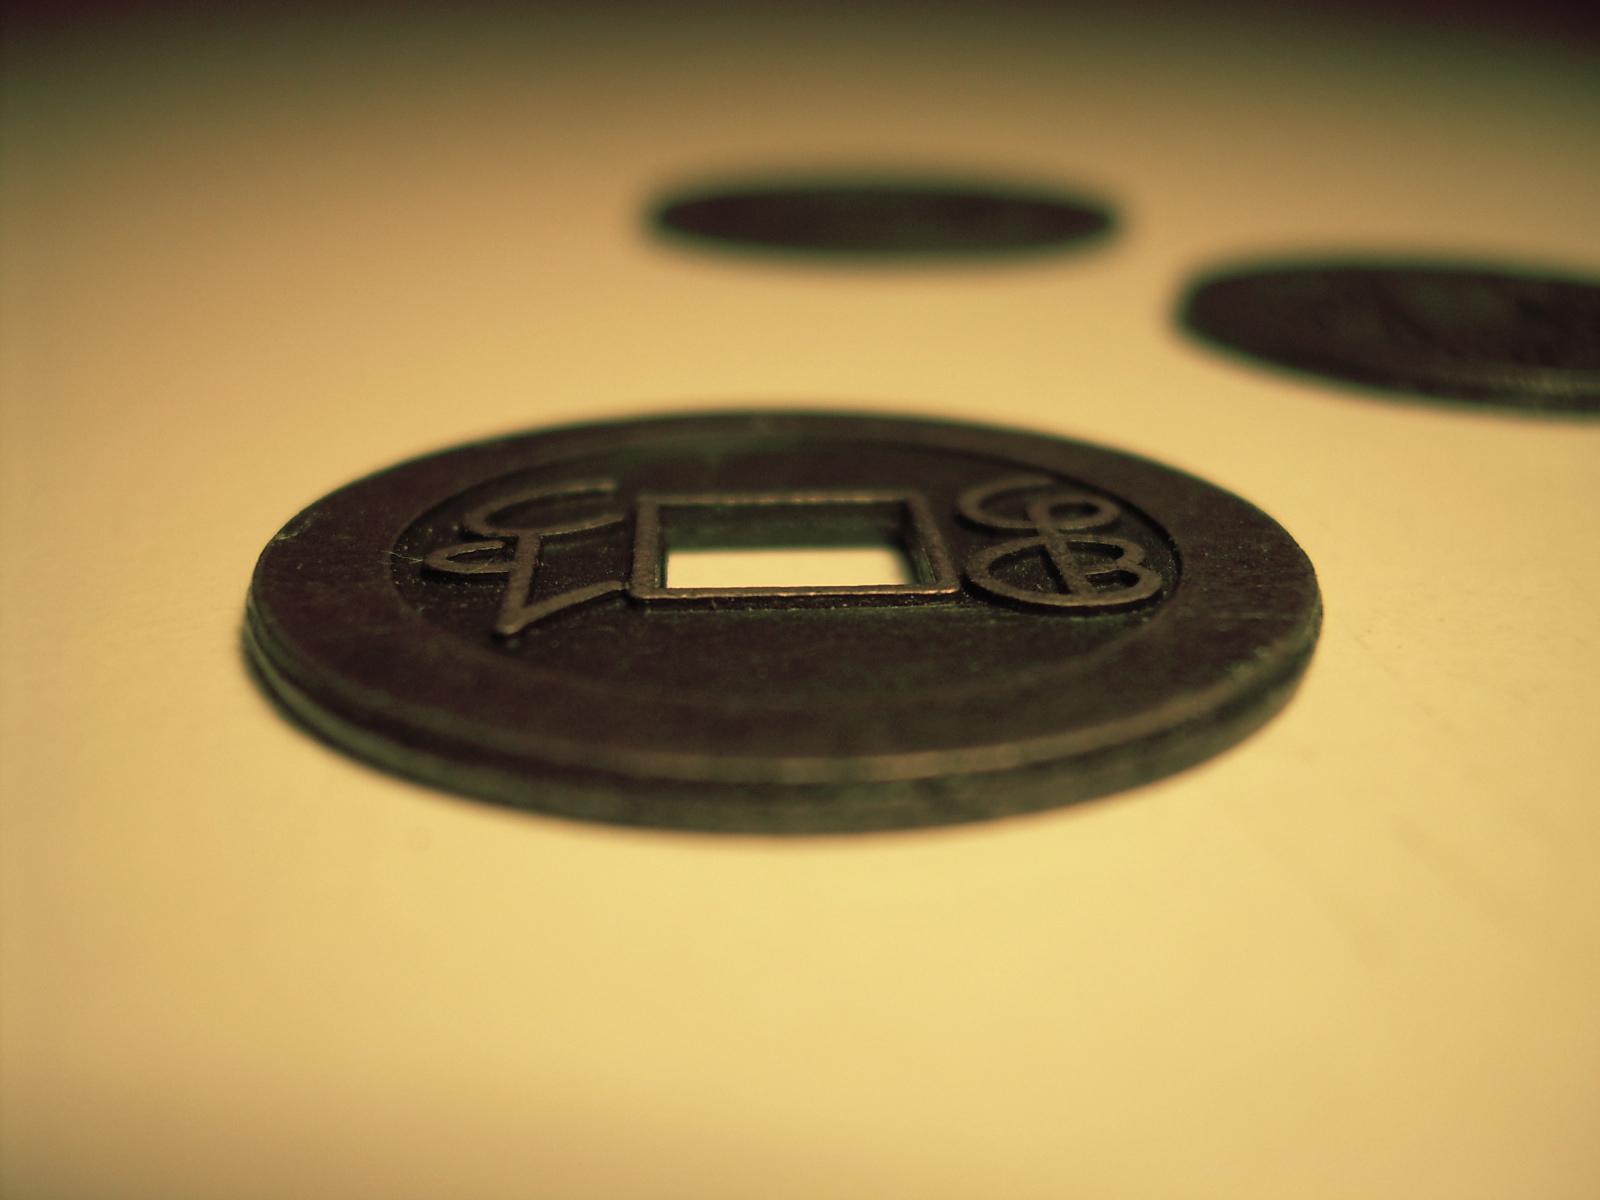 Moedas usadas para consultar o I Ching, o Livro das Mutações